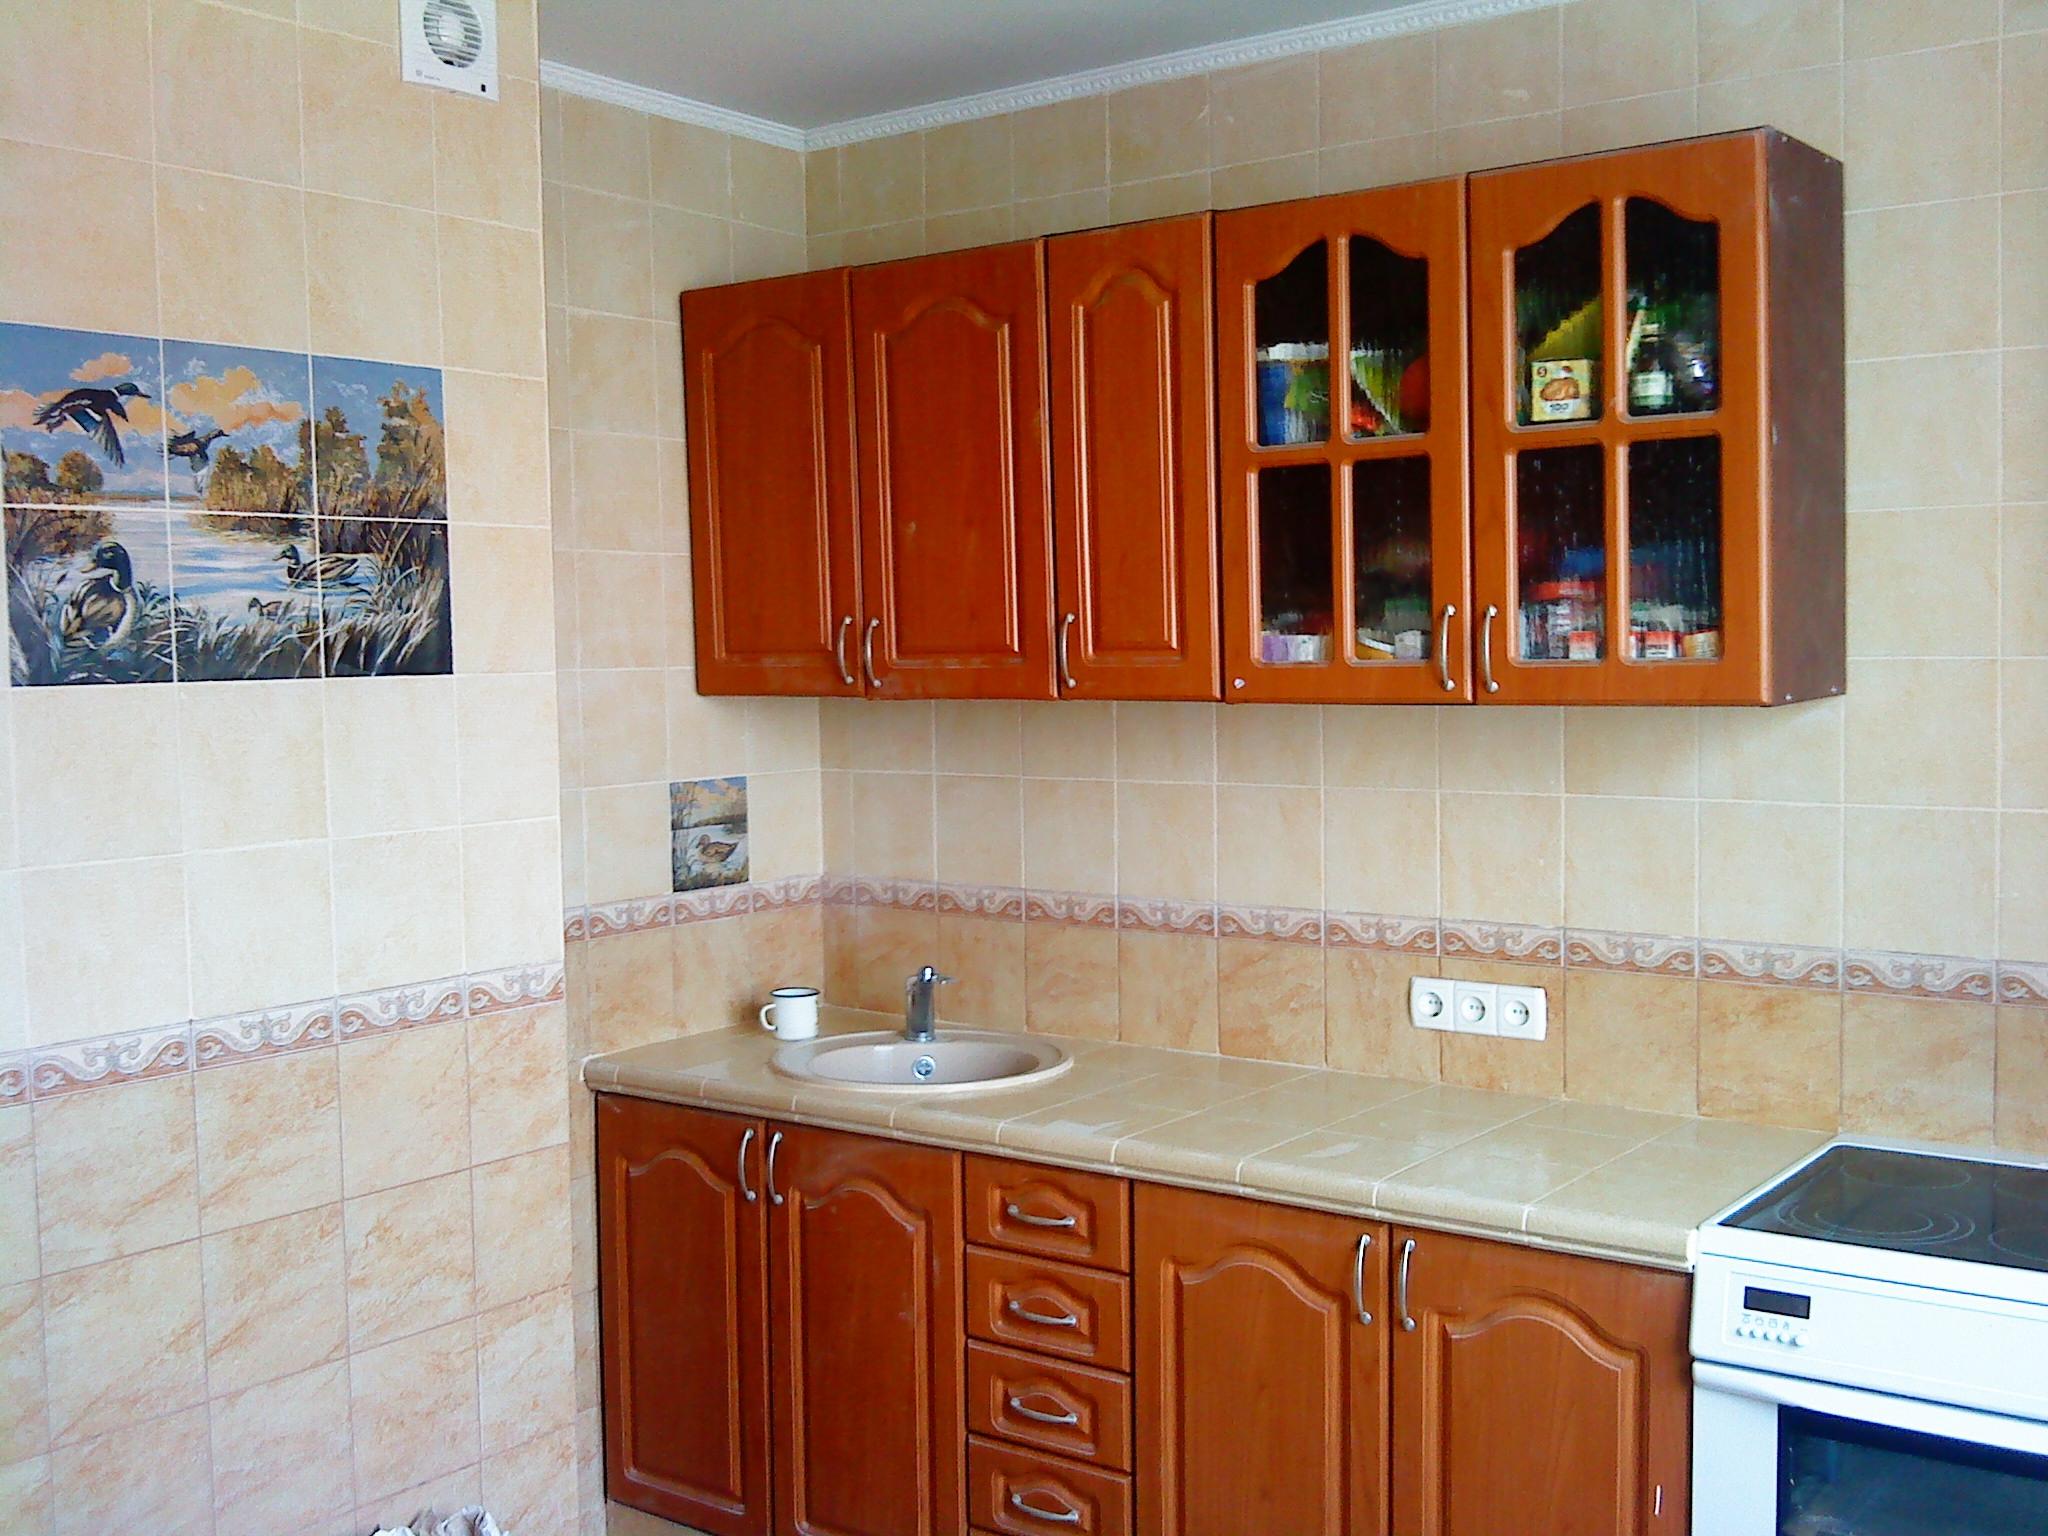 Как лучше сделать ремонт на кухне фото